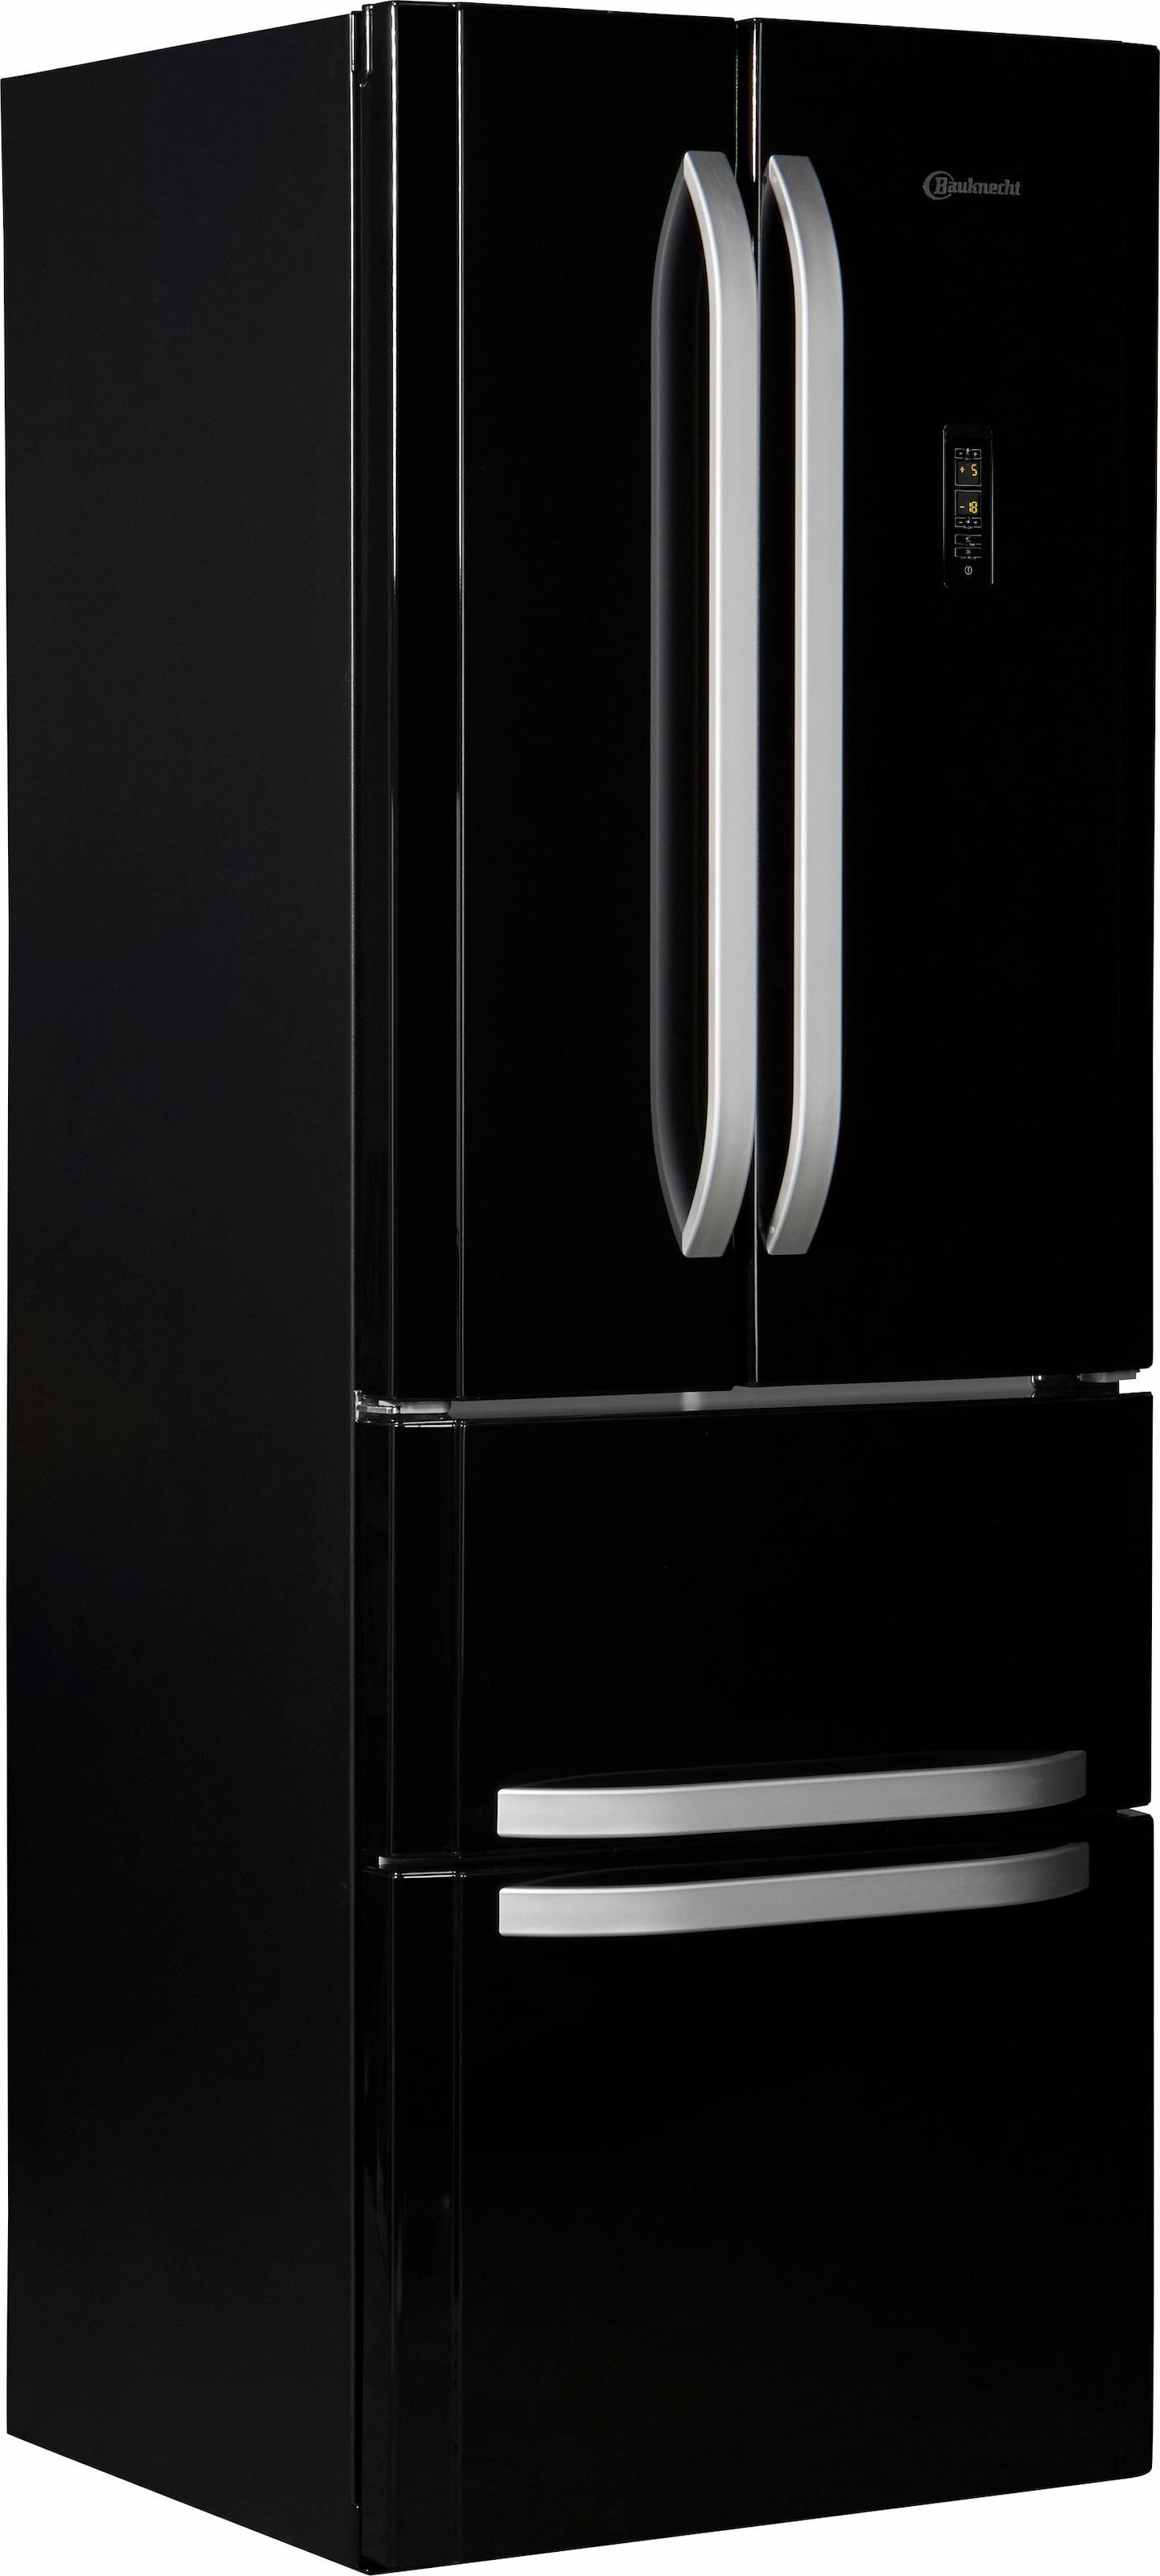 Kühlschrank Aufbau Stehen Lassen : Side by side kühlschrank auf rechnung raten kaufen